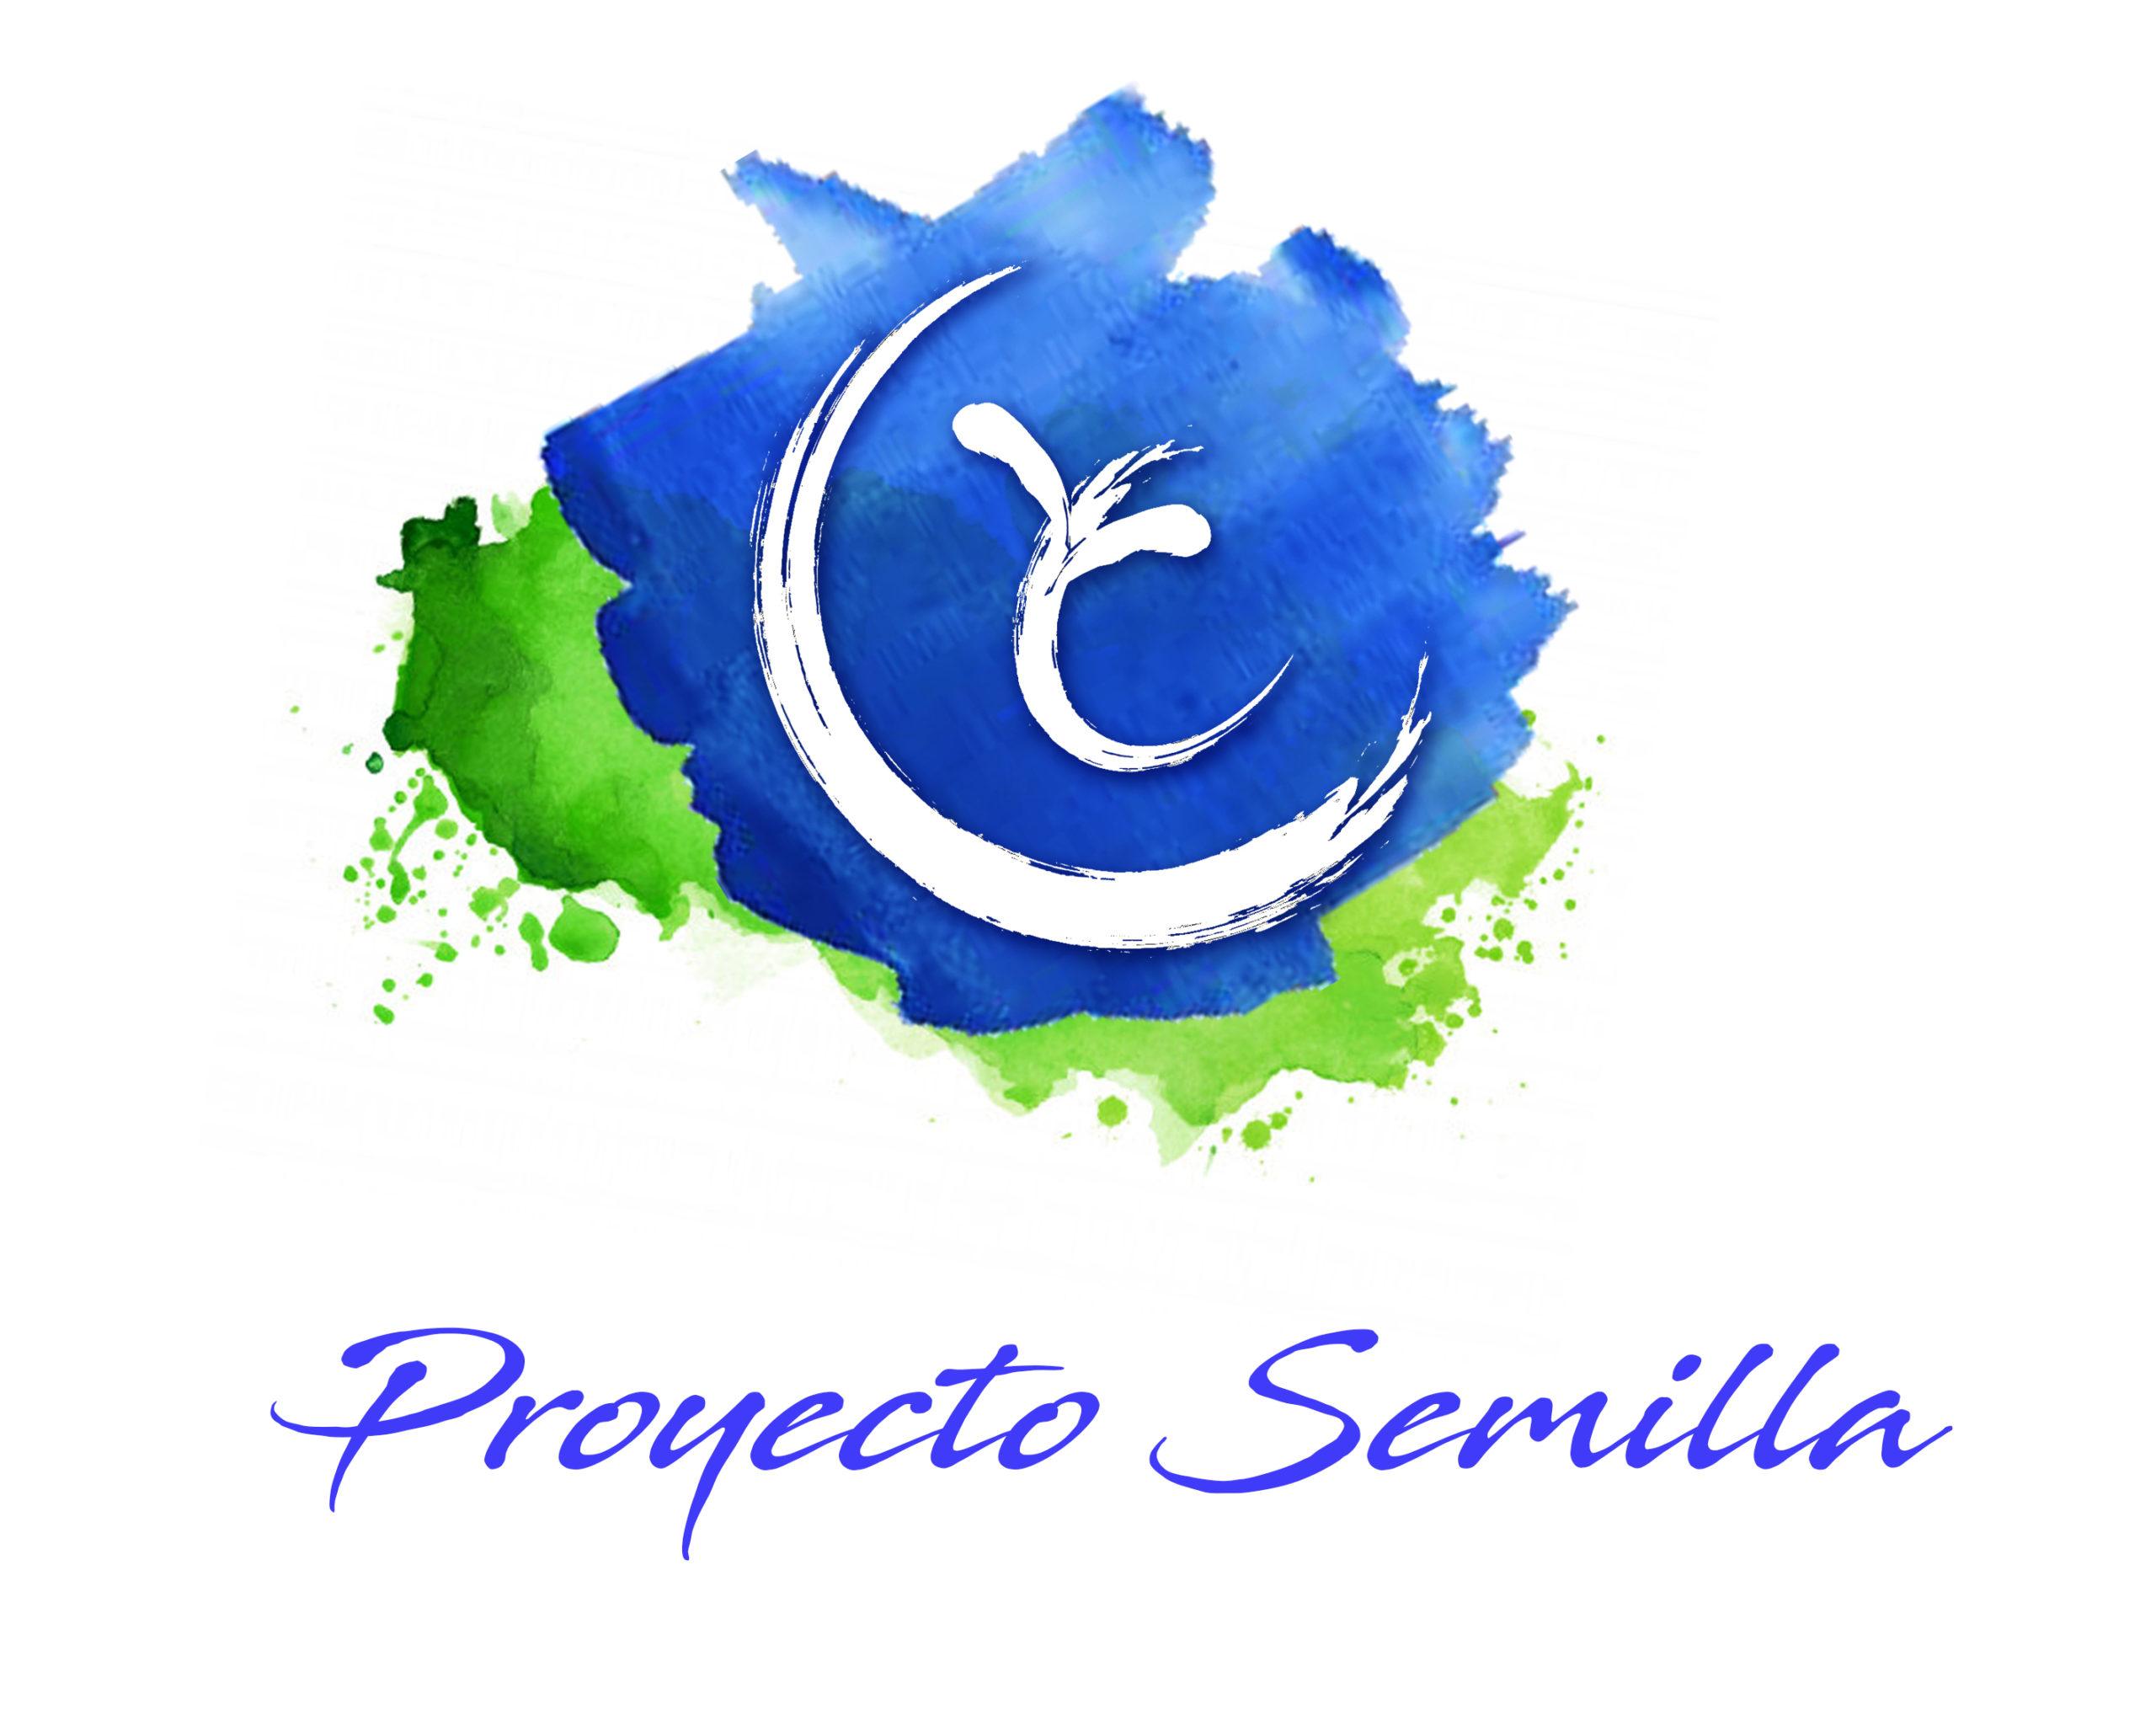 Proyecto Semilla. Vidas con sentido